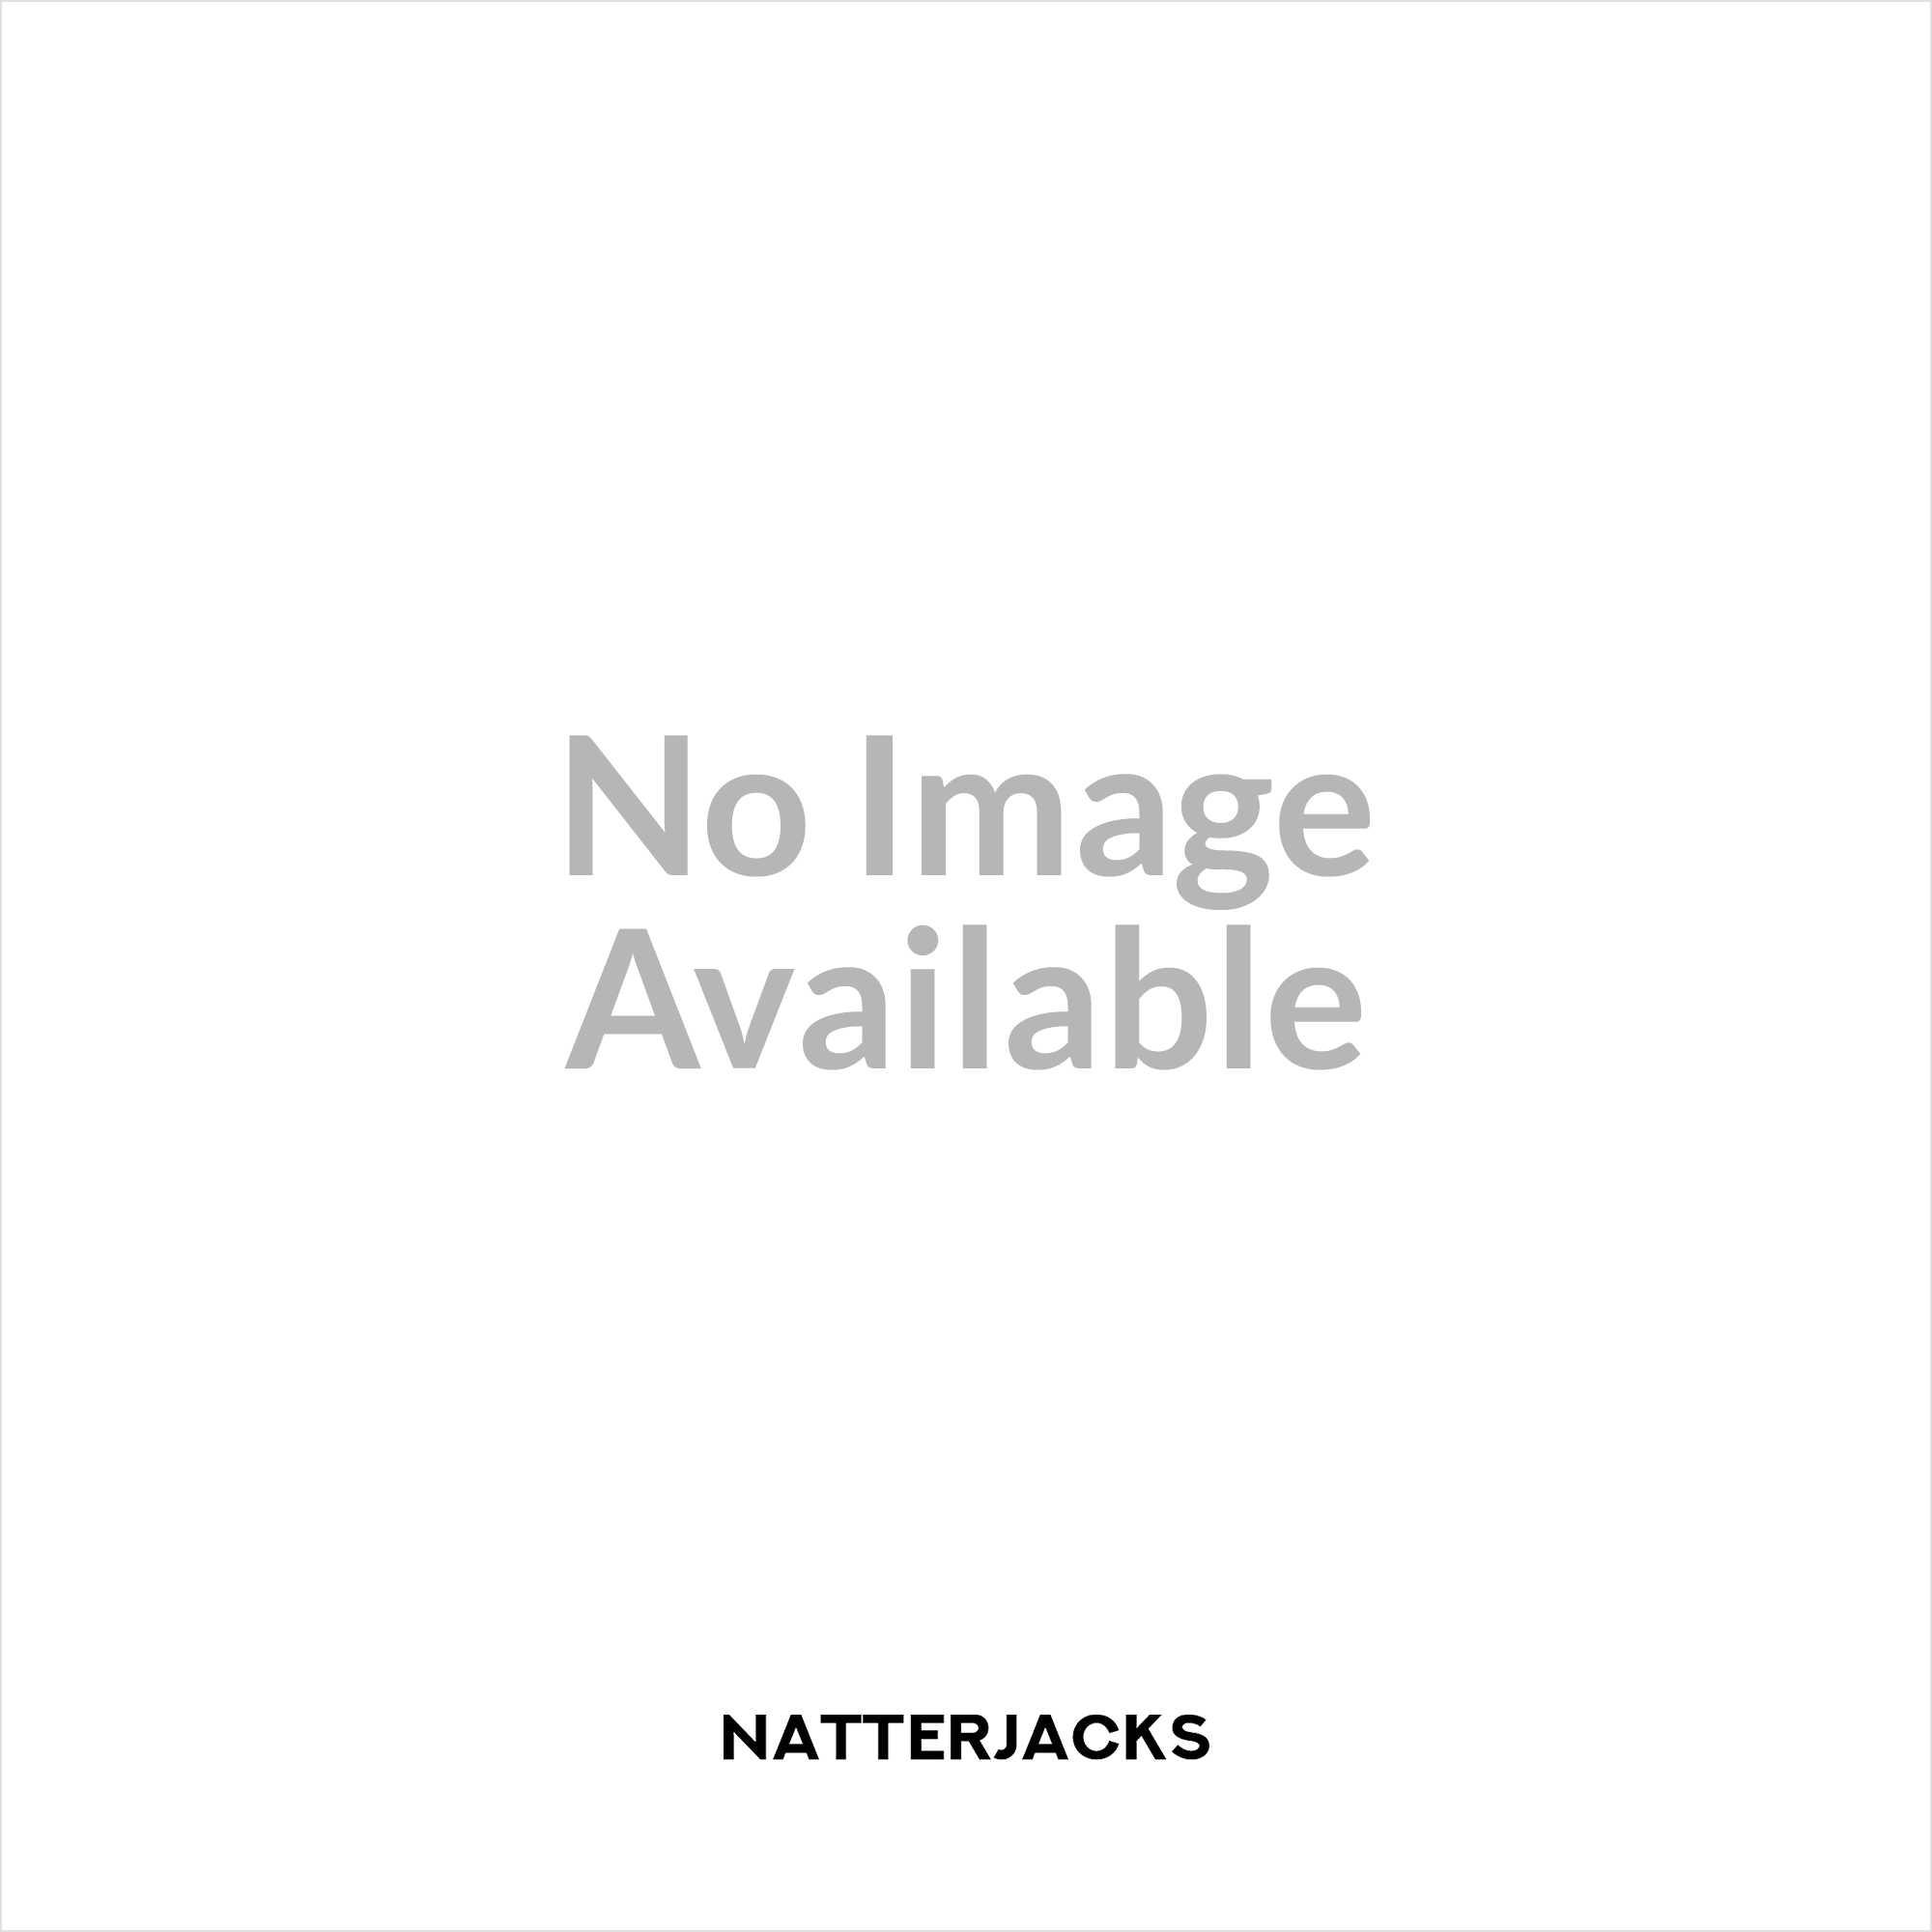 best service d43d5 3bfc2 Nike SB Dunk High Pro  Iridescent    Footwear   Natterjacks